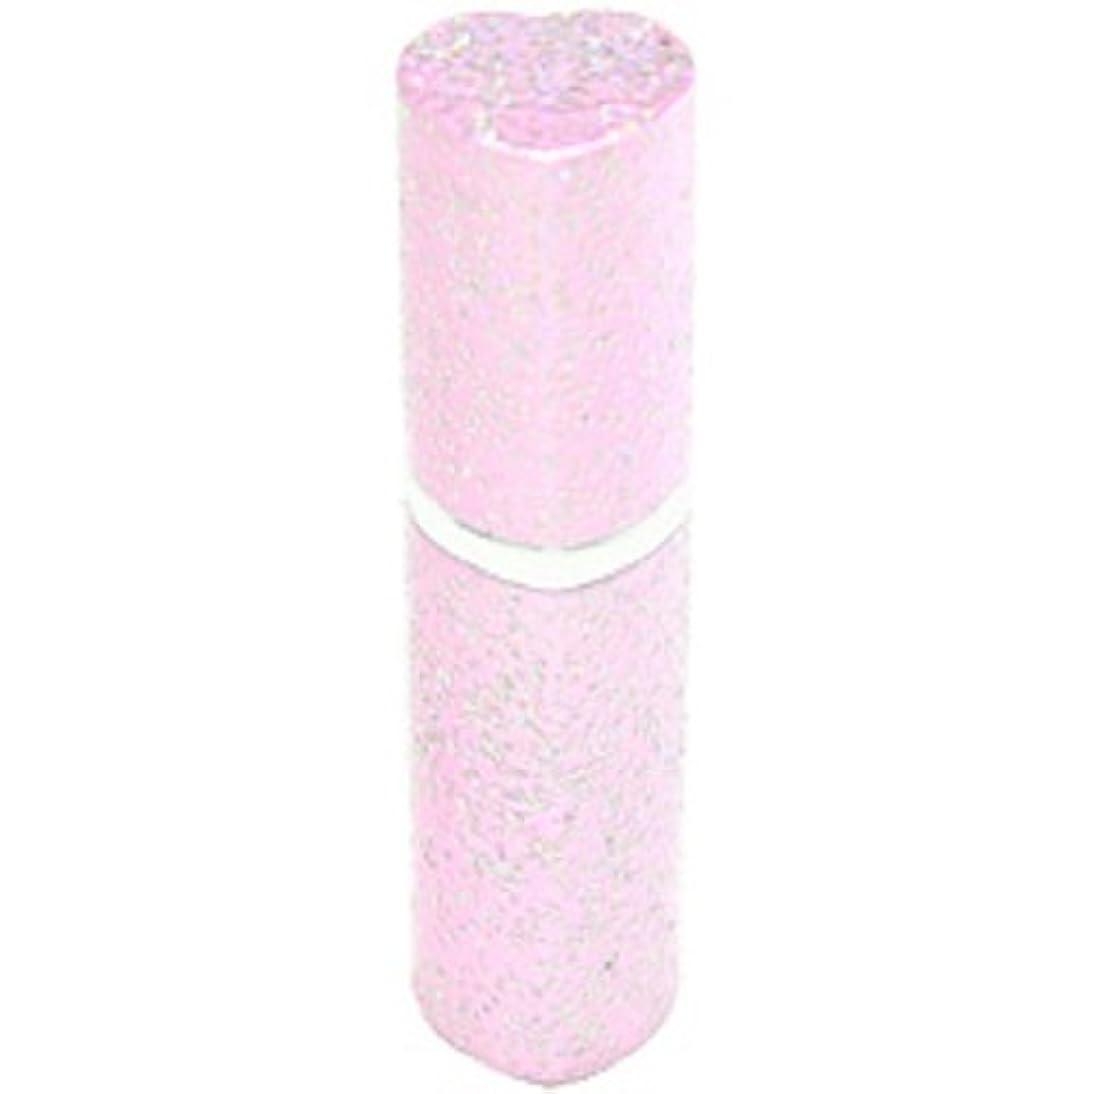 助言する家具独立したアトマイザー ラメハート ピンク 3ml 香水入れ